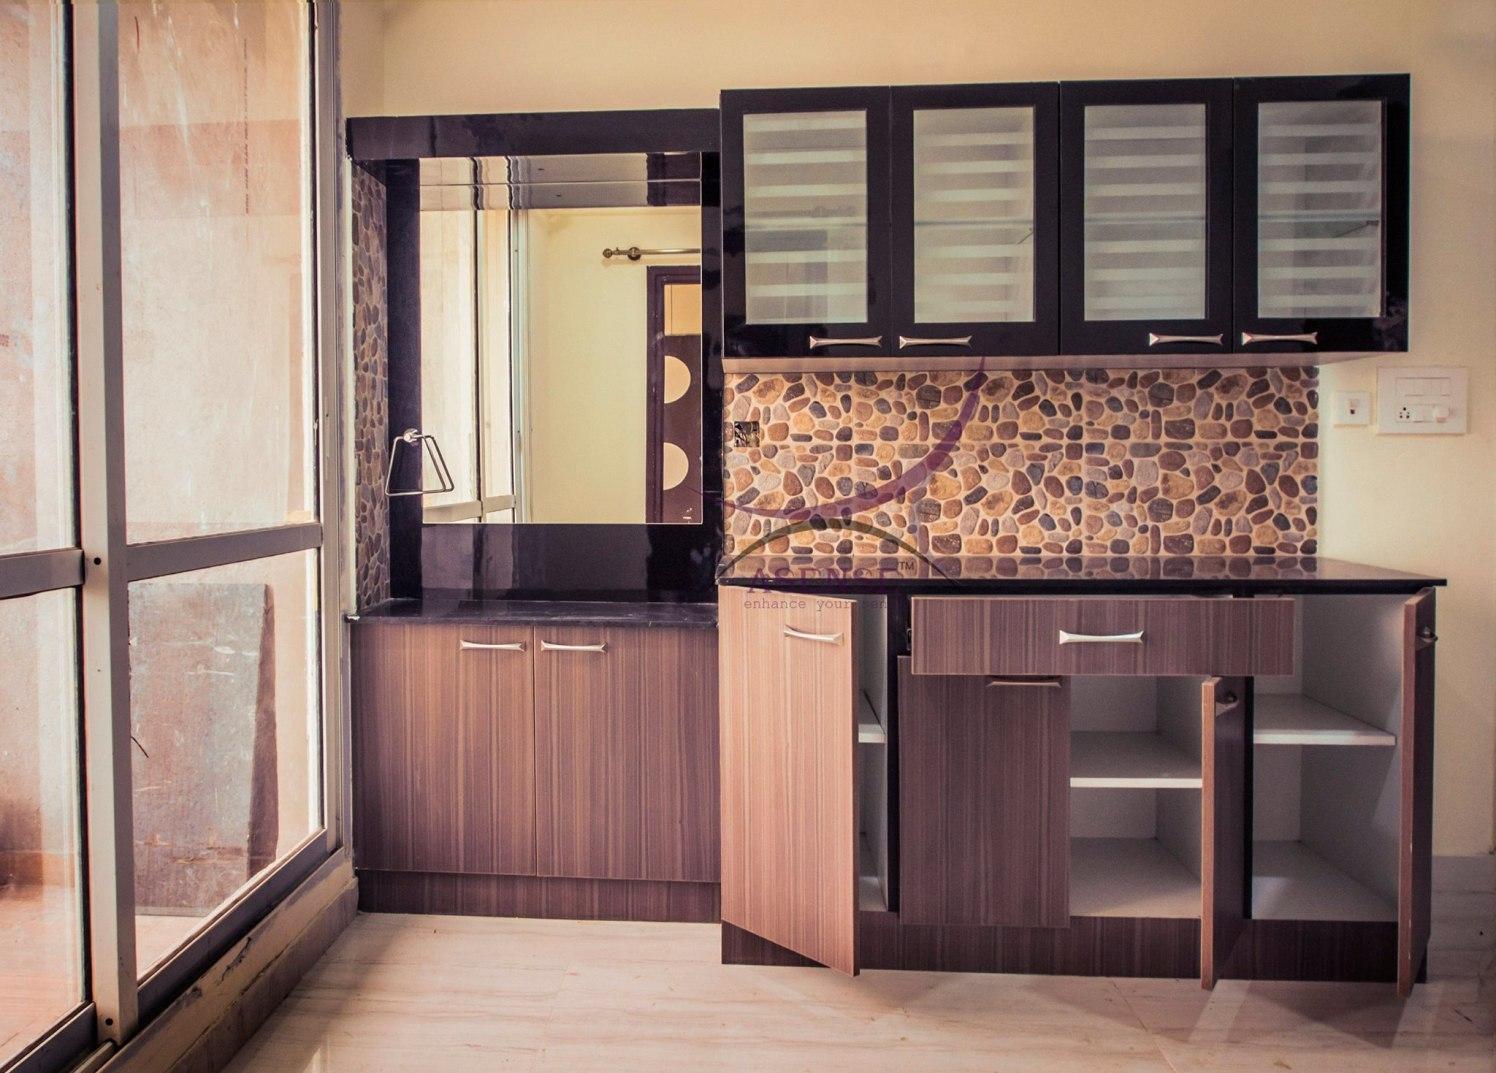 Kitchen Wooden Cabinets by Snigdha Ghosh Modular-kitchen Contemporary | Interior Design Photos & Ideas